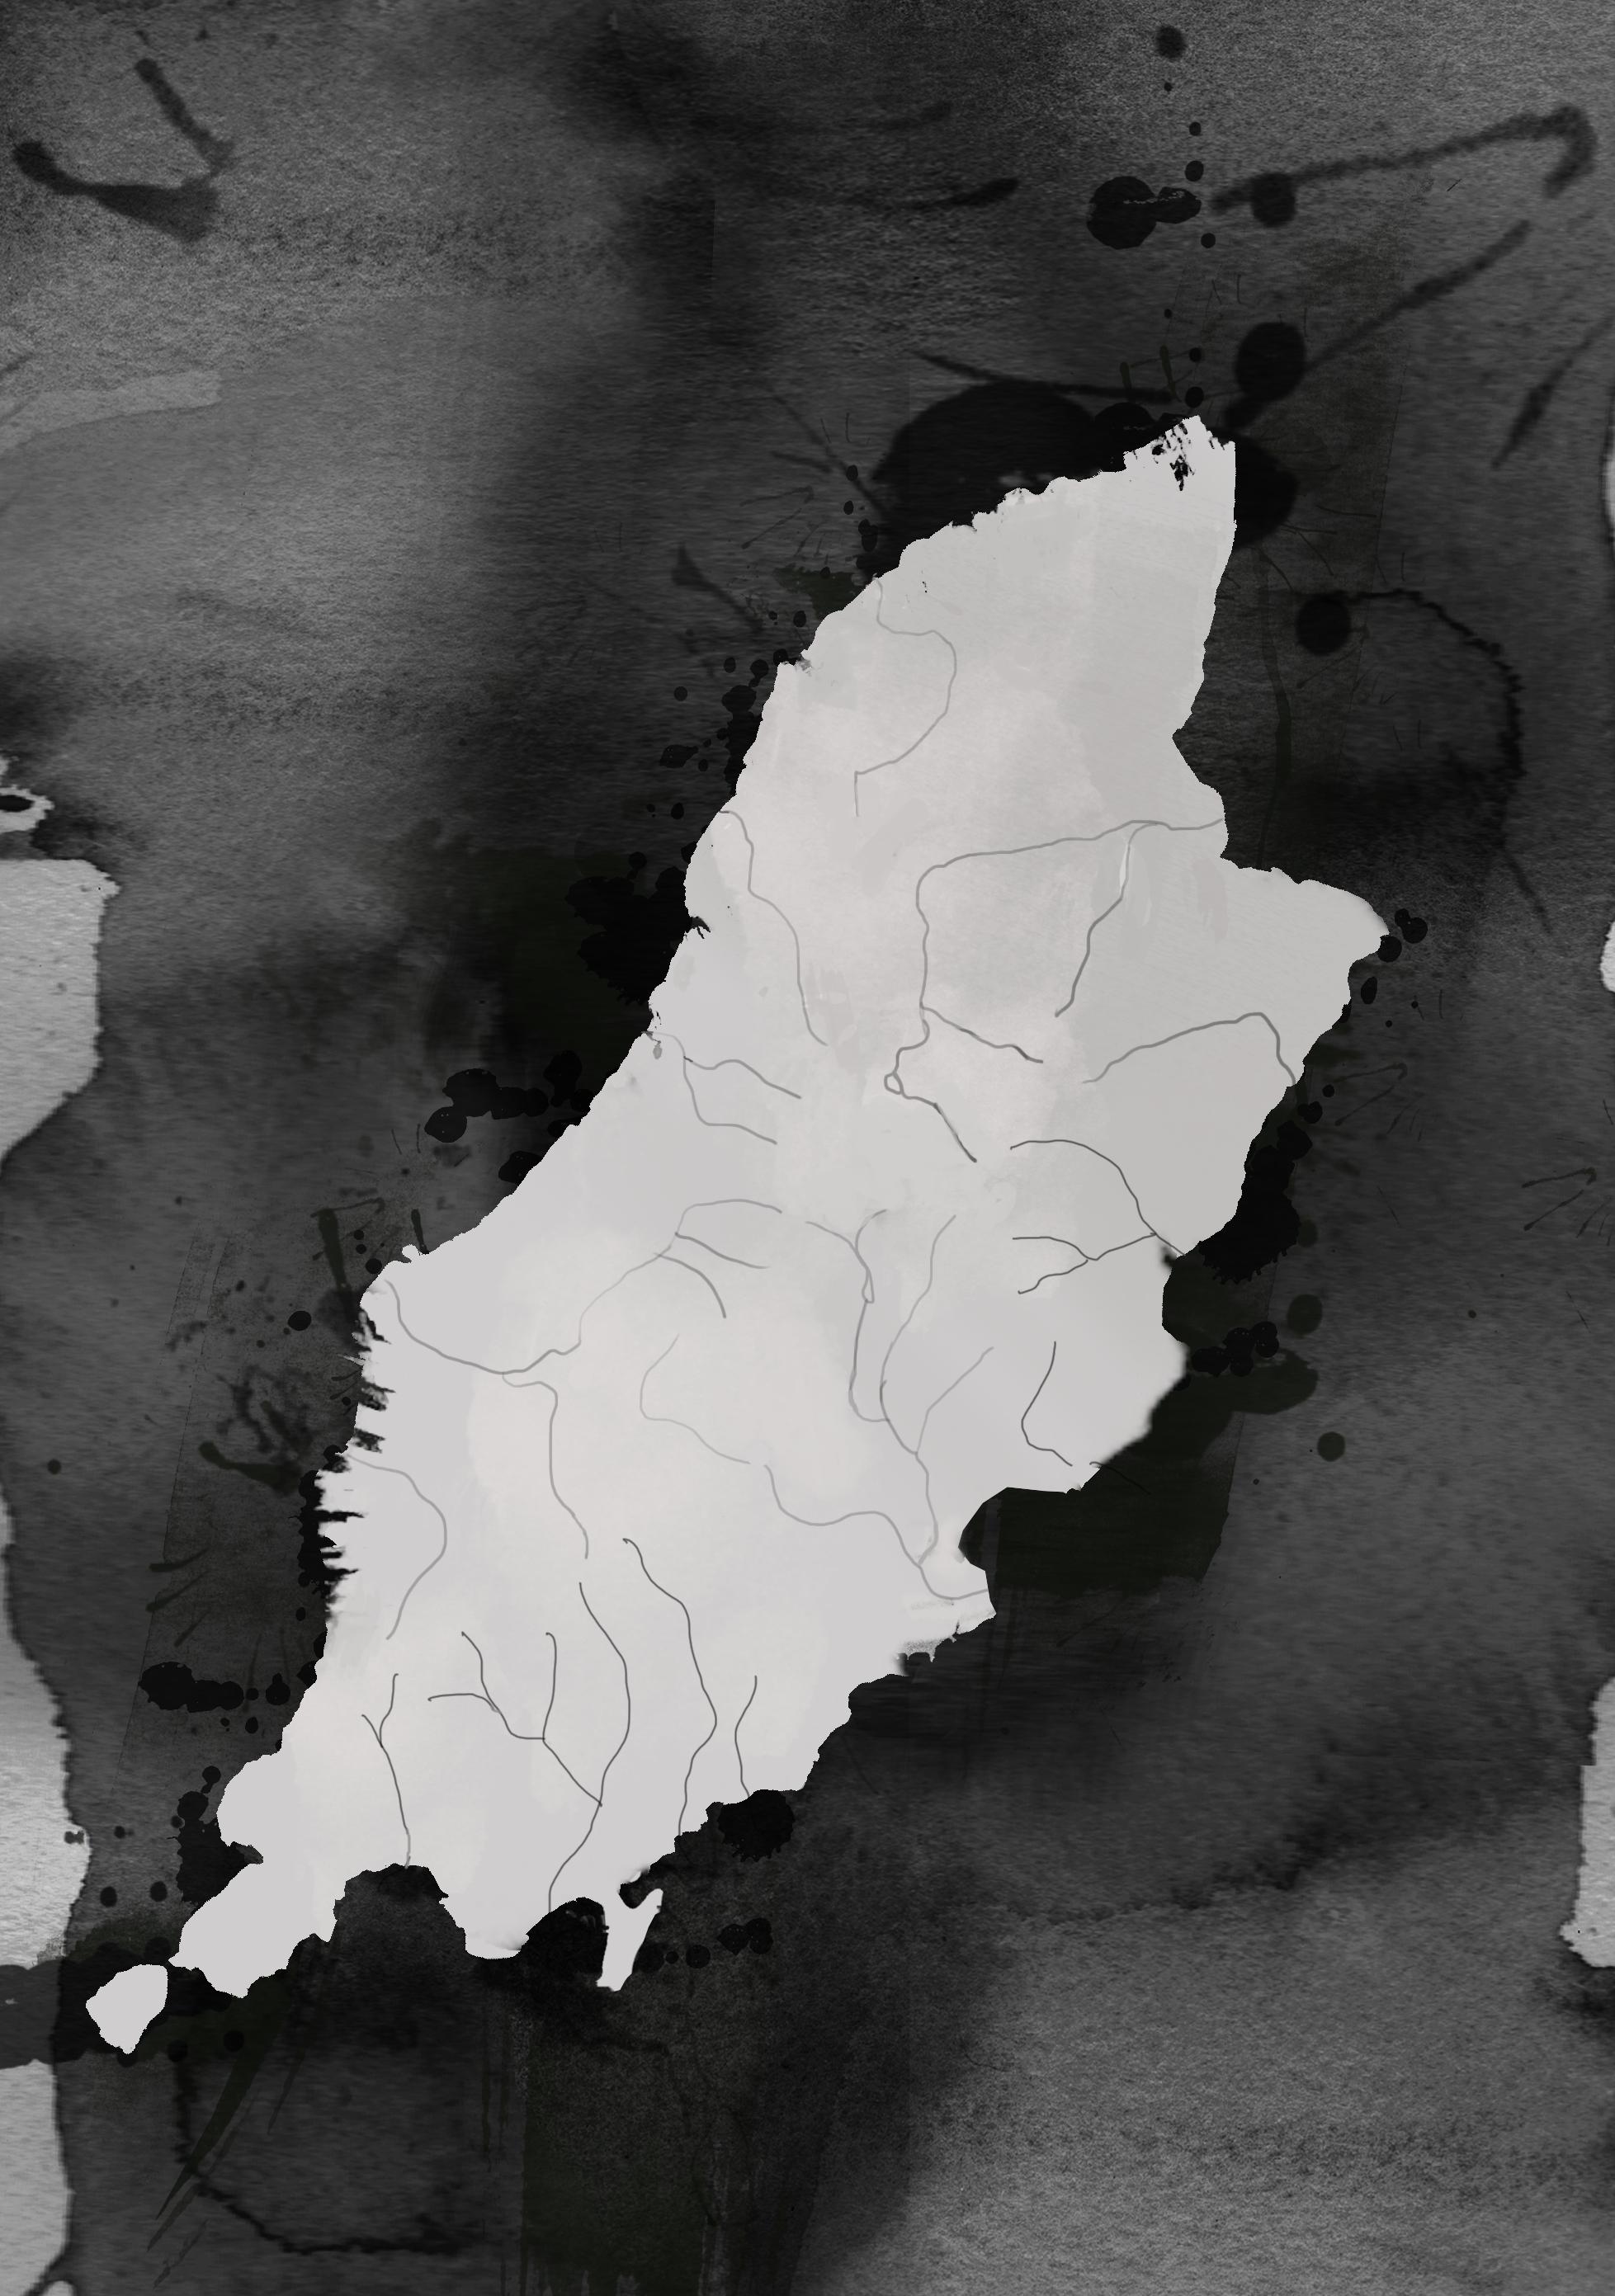 Wyspa man (fot. ilustracja z książki 'Gdziekolwiek mnie rzucisz. Wyspa Man i Polacy')